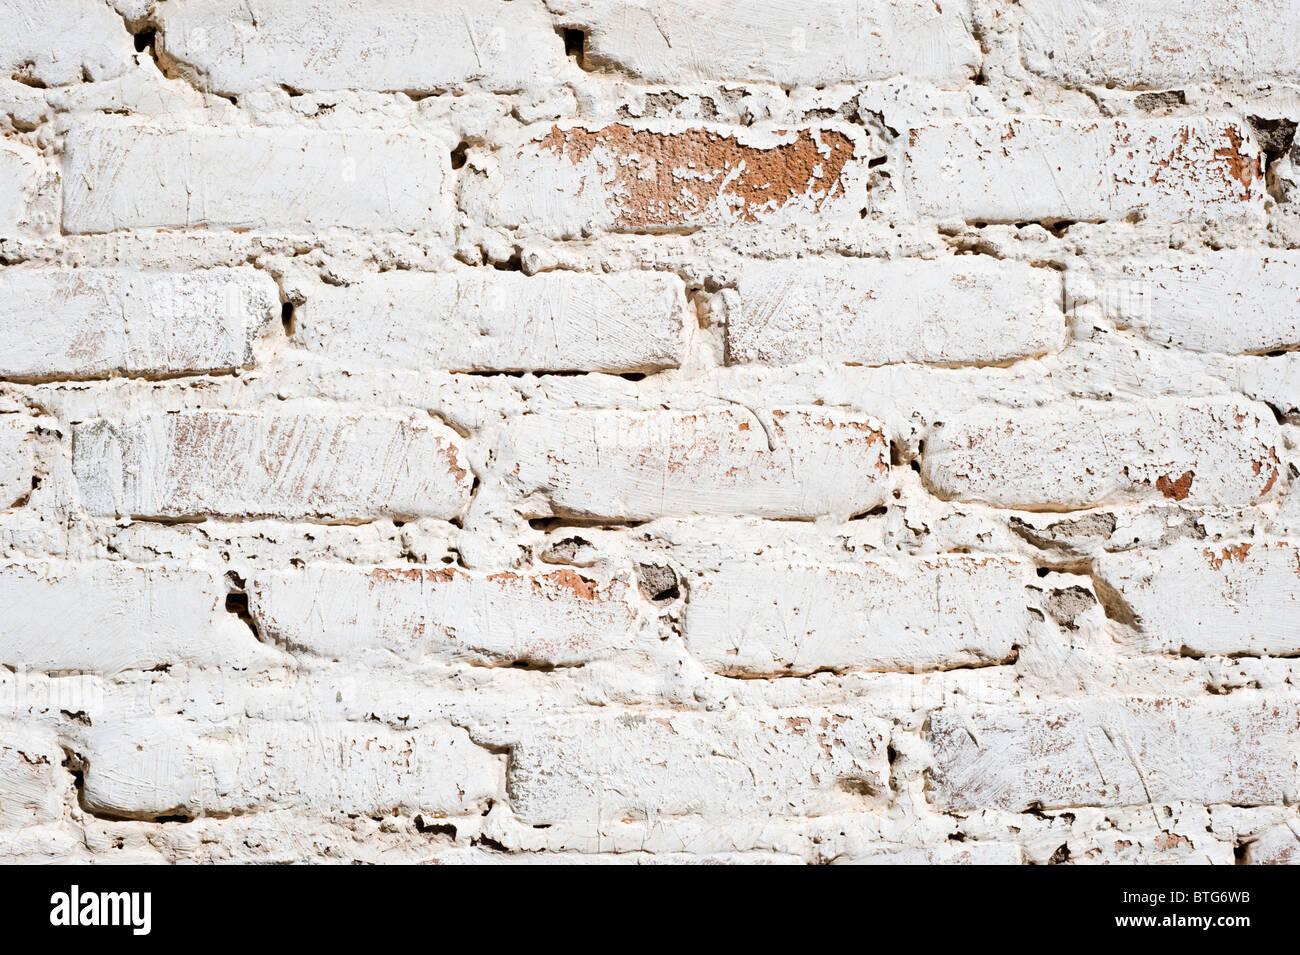 Dettaglio di un vecchio adobe imbiancate muro di mattoni trovati in Carrizozo, Nuovo Messico. Immagini Stock